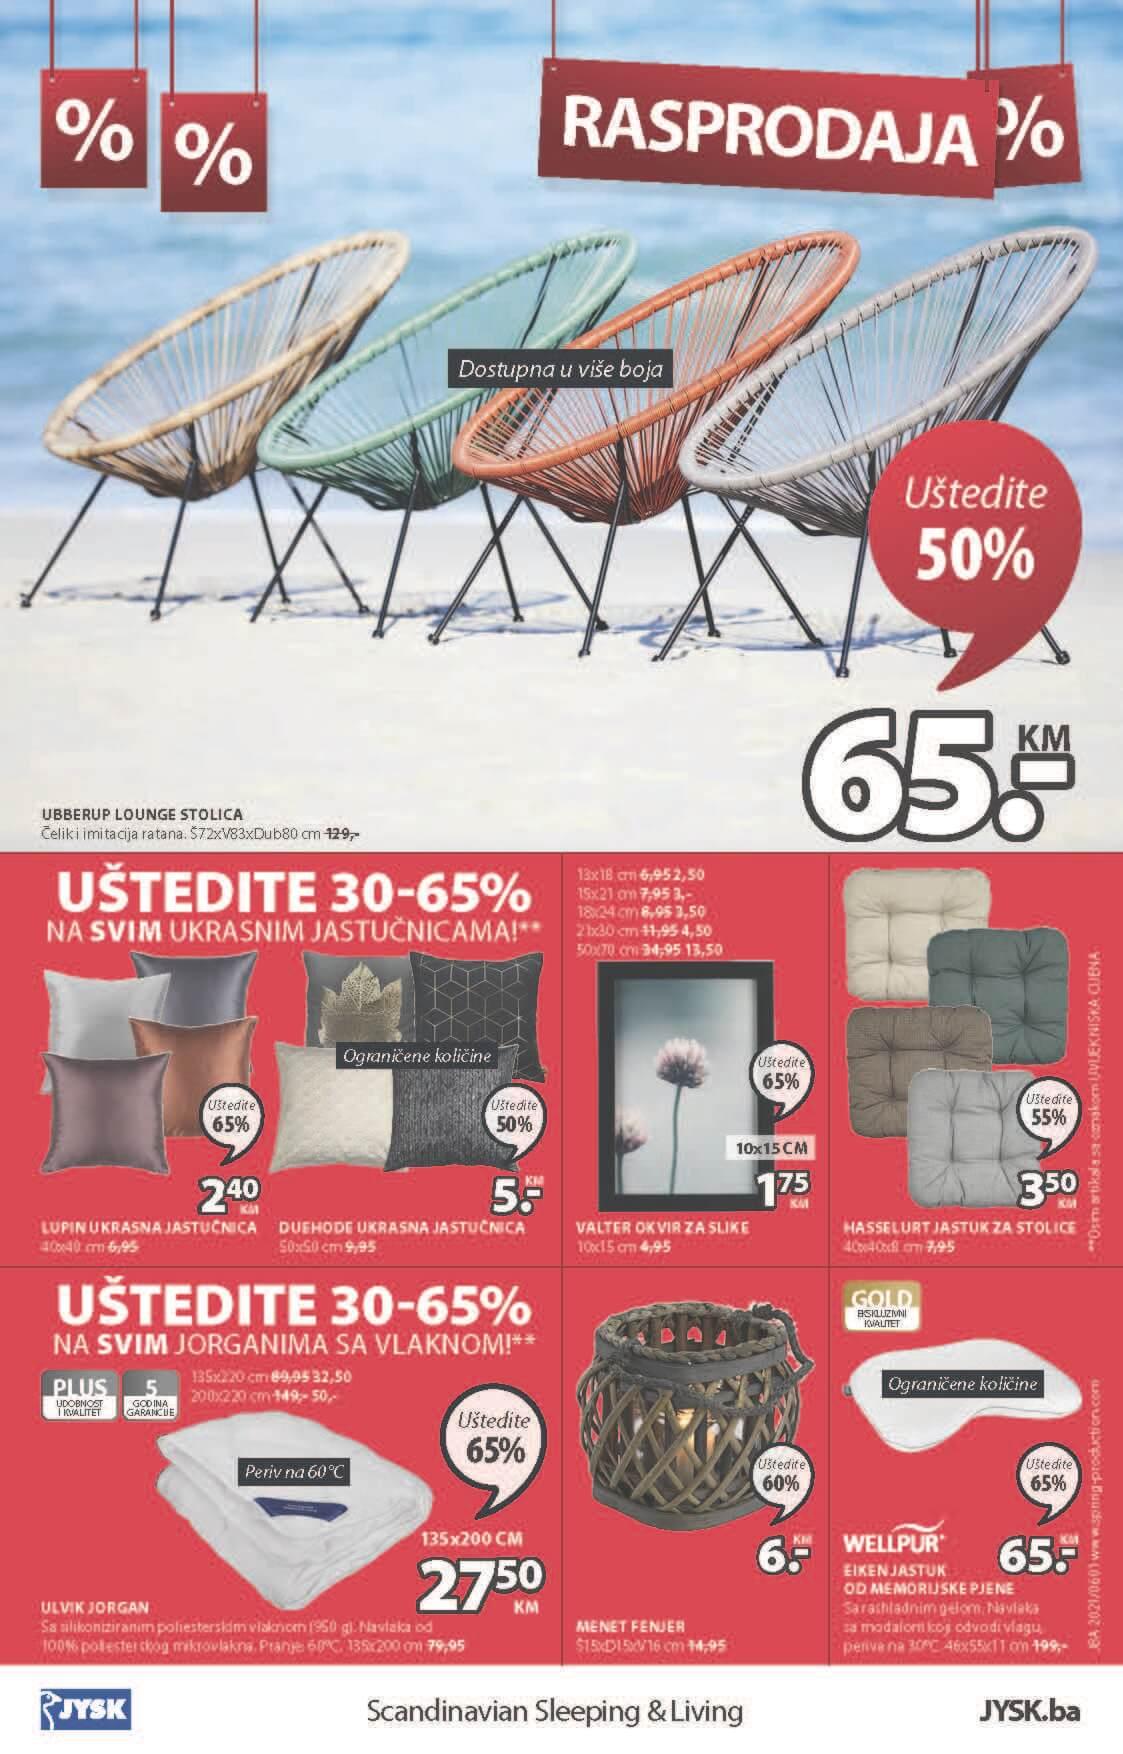 JYSK Katalog Akcijska rasprodaja JUN 2021 03.06. 16.06 eKatalozi.com PR Page 25